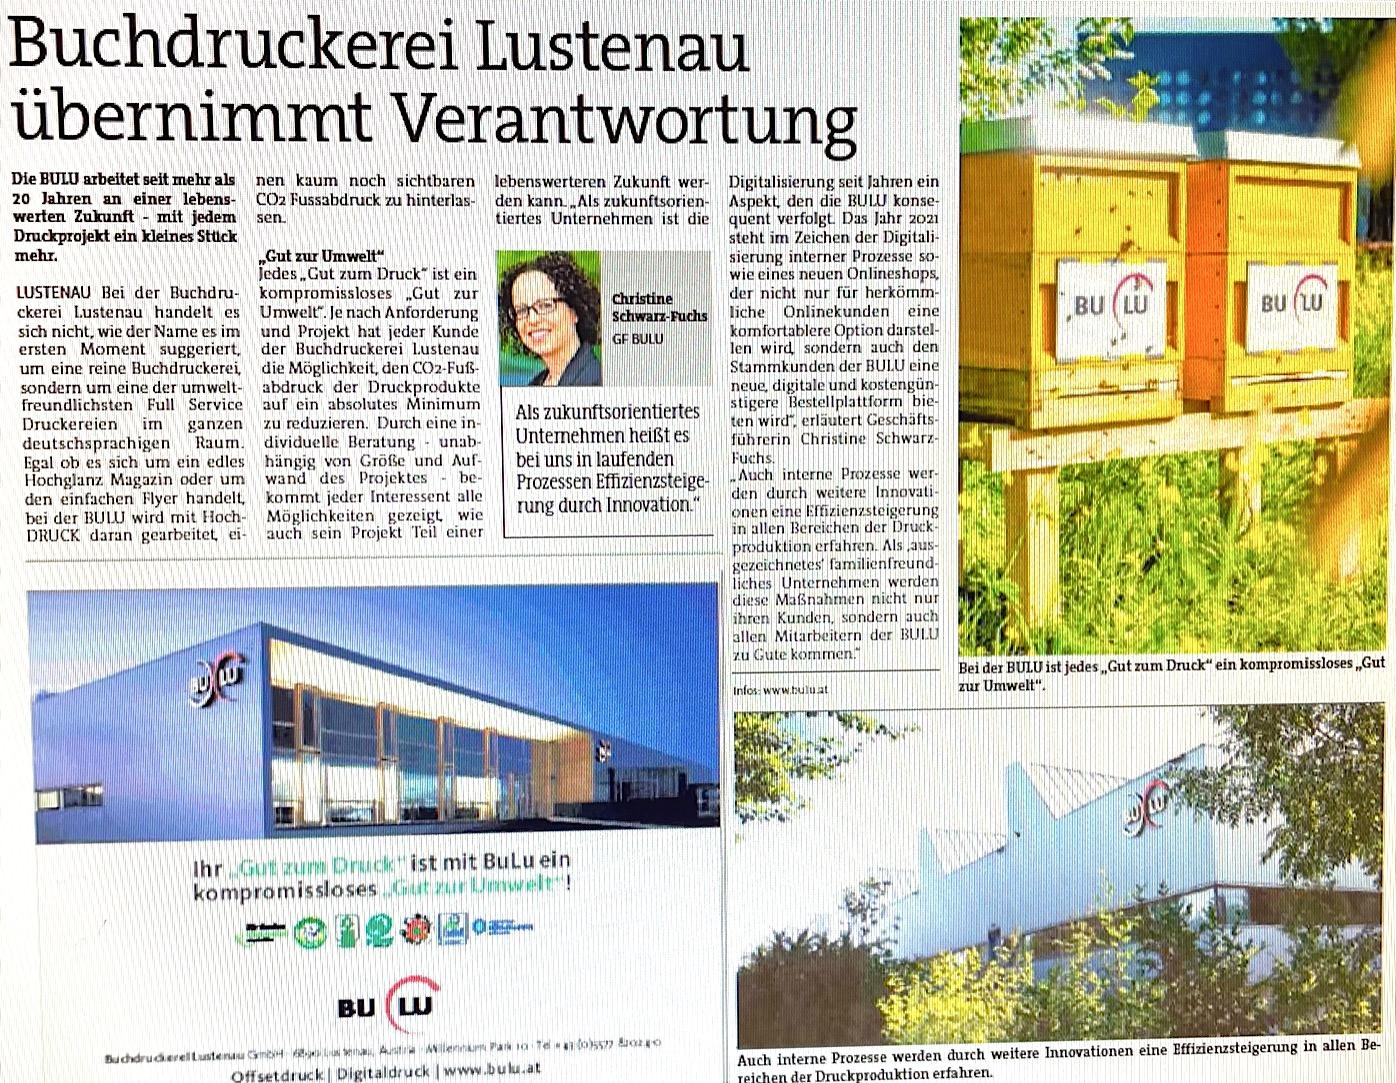 """Die Buchdruckerei Lustenau übernimmt Verantwortung: Die BULU arbeitet seit mehr als 20 Jahren an einer lebenswerten Zukunft – mit jedem Druckprojekt ein kleines Stück mehr. Bei der Buchdruckerei Lustenau handelt es sich nicht, wie der Name es im ersten Moment suggeriert, um eine reine Buchdruckerei, sondern um eine der umweltfreundlichsten Full Service Druckereien im ganzen deutschsprachigen Raum. (VN-Extra """"Wertvoll"""" 17.9.21)"""